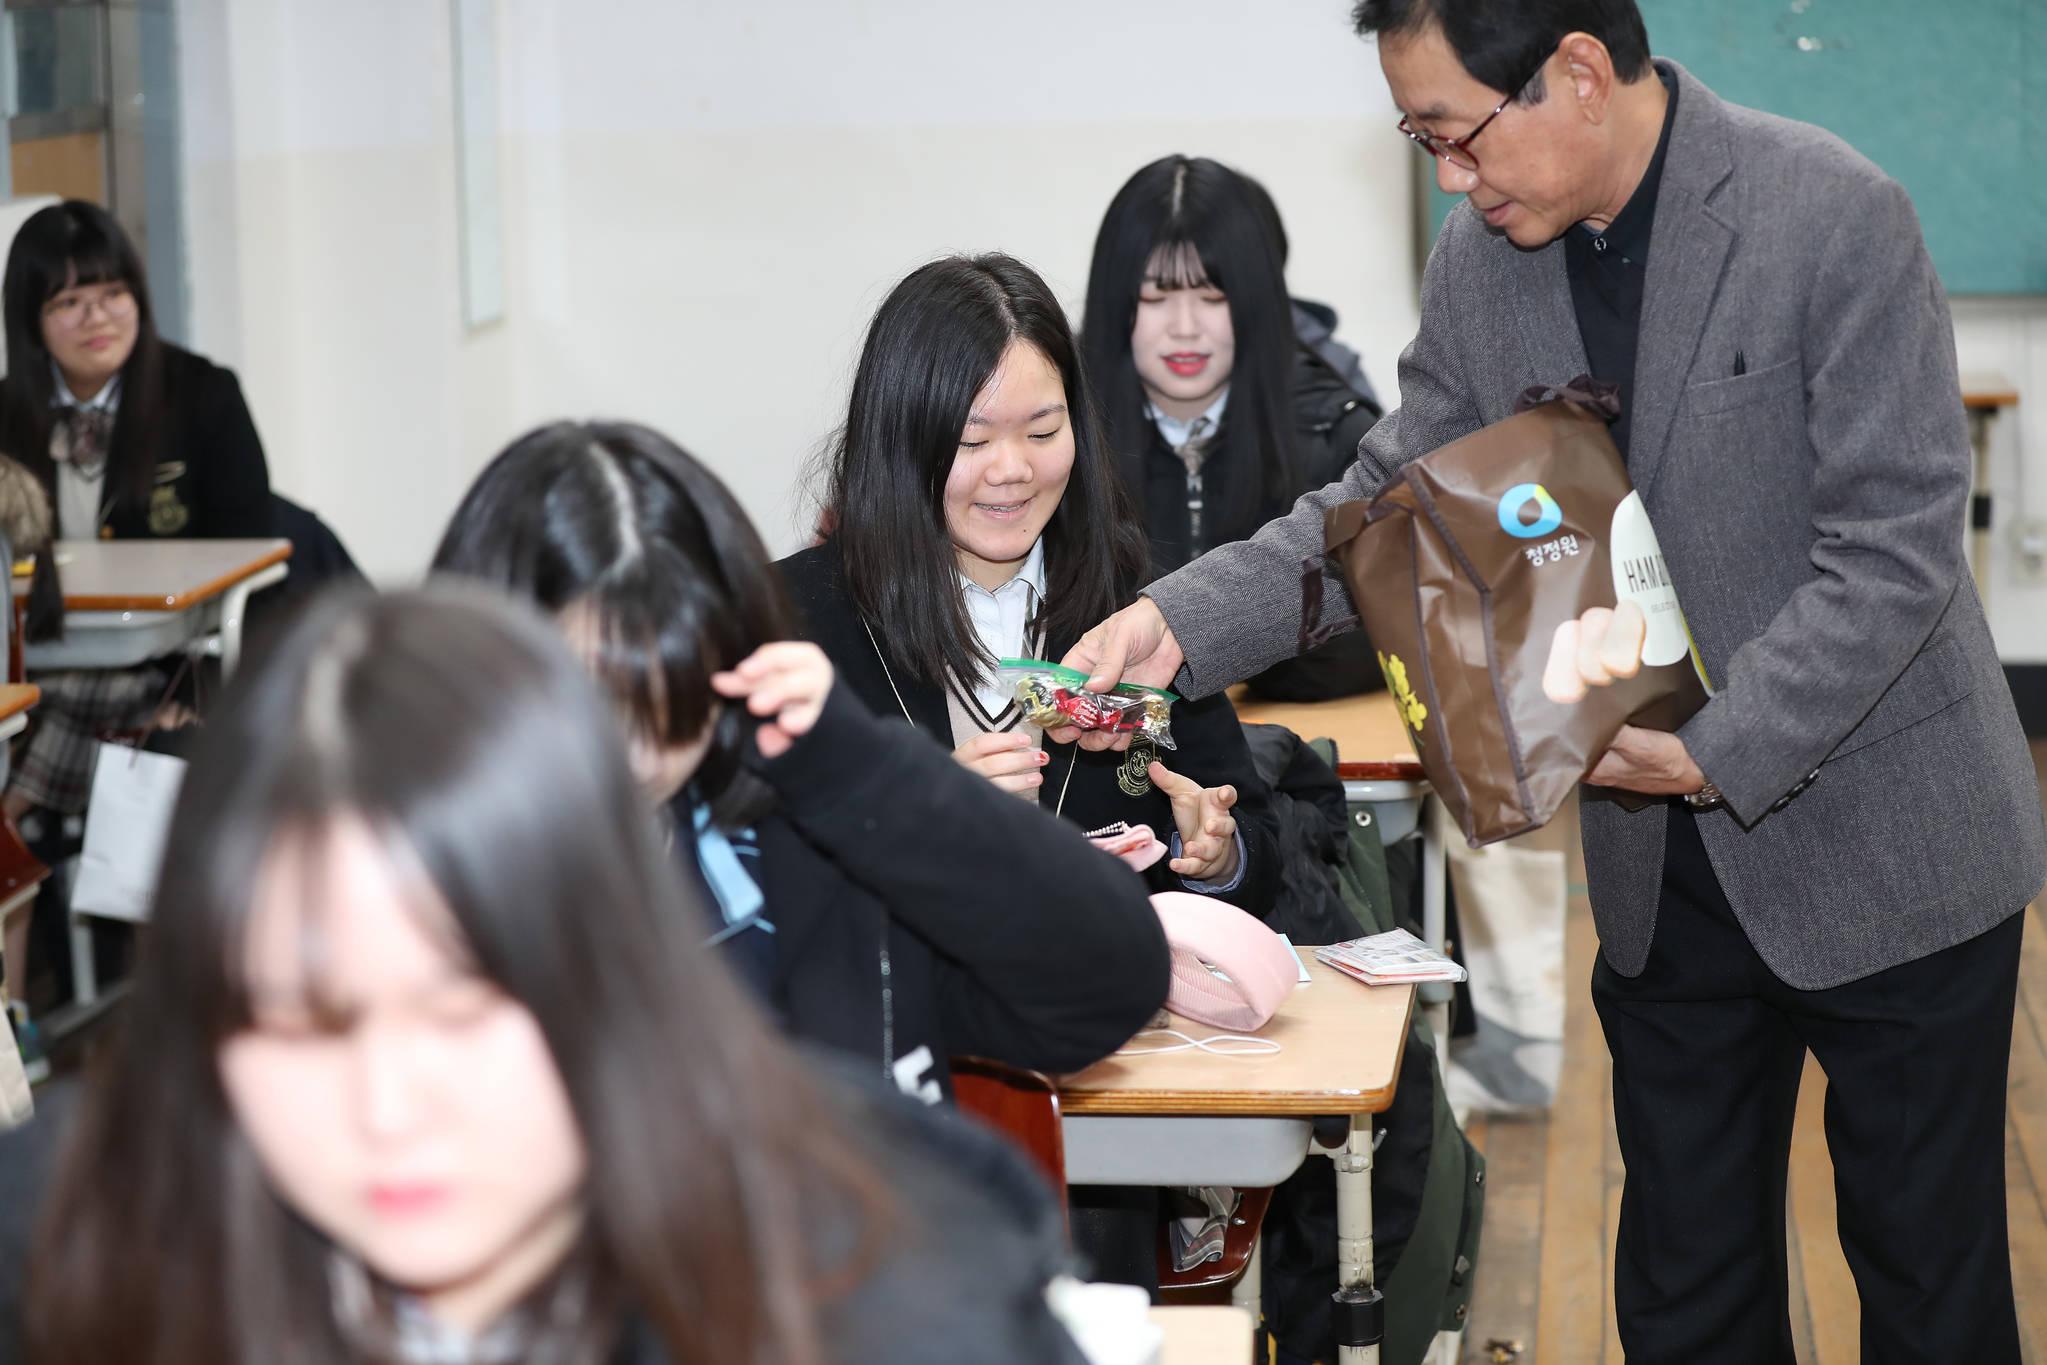 서울 마포구 서울여고 고3 교실에서 선생님이 학생들에게 초콜릿을 나눠주고 있다. 우상조 기자